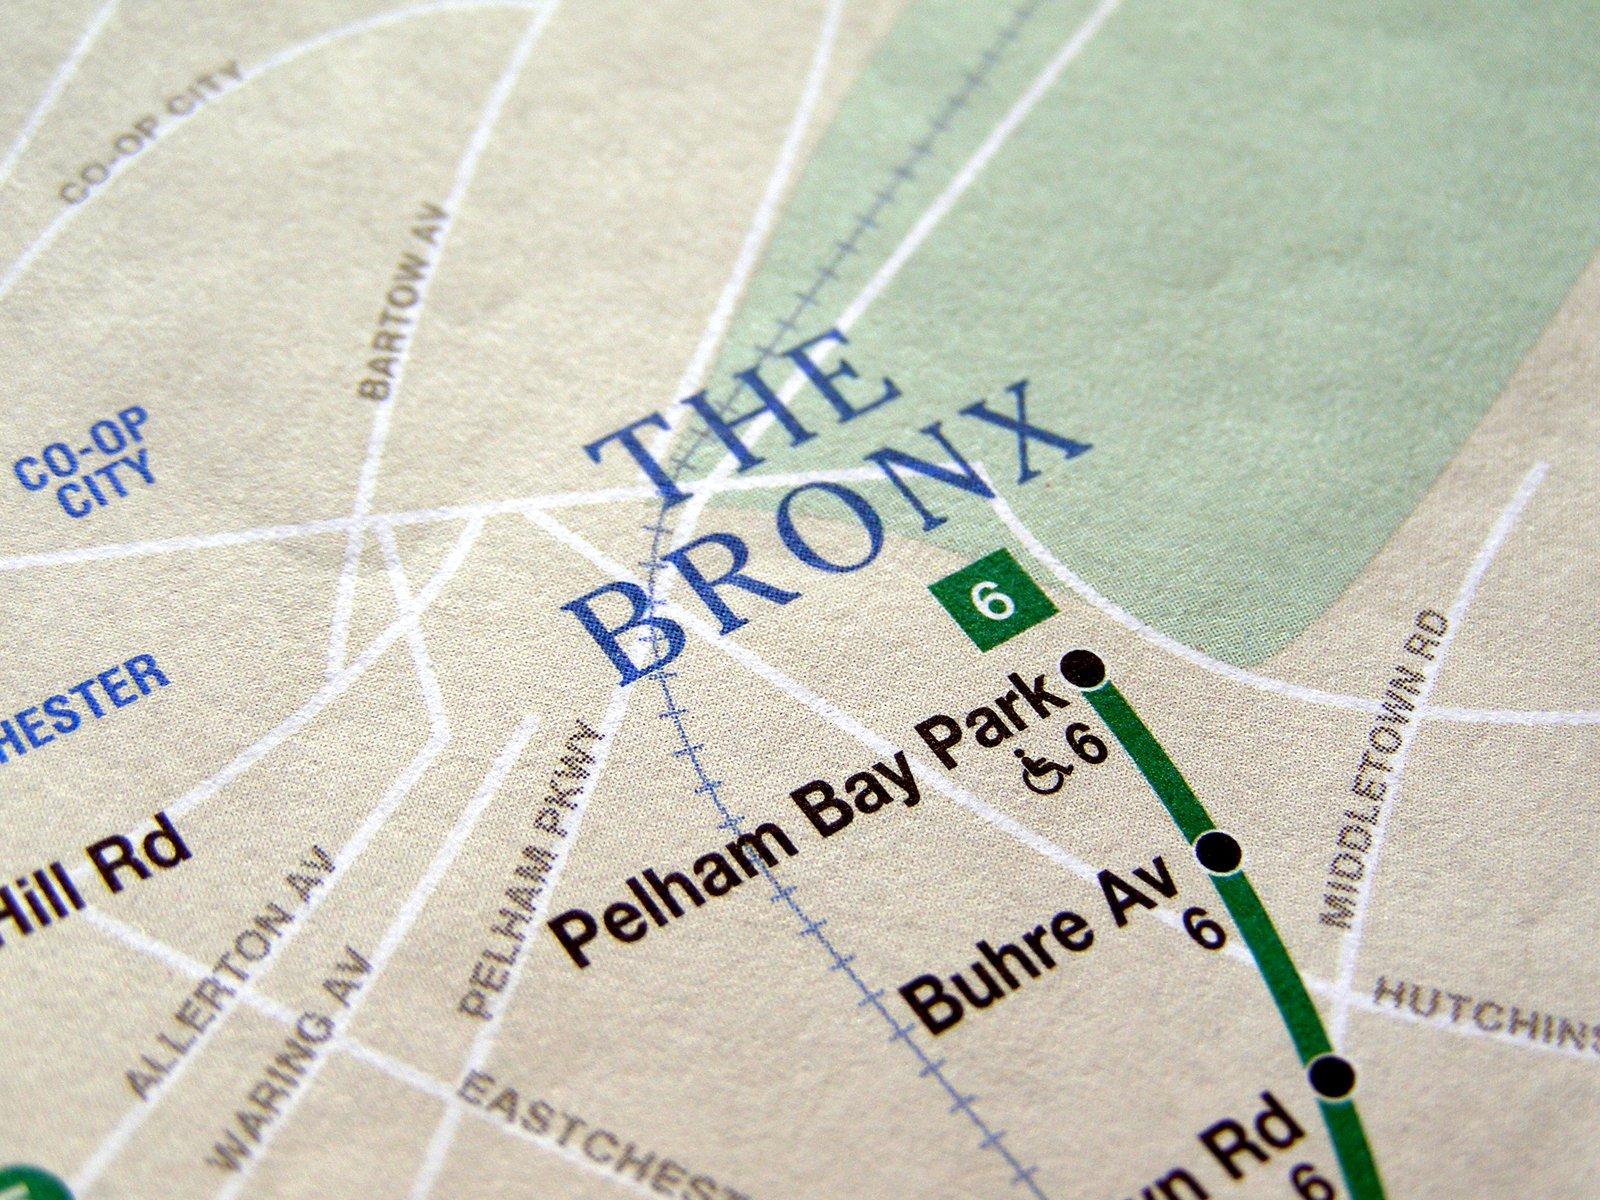 Clason Point Bronx, NY Private Investigator